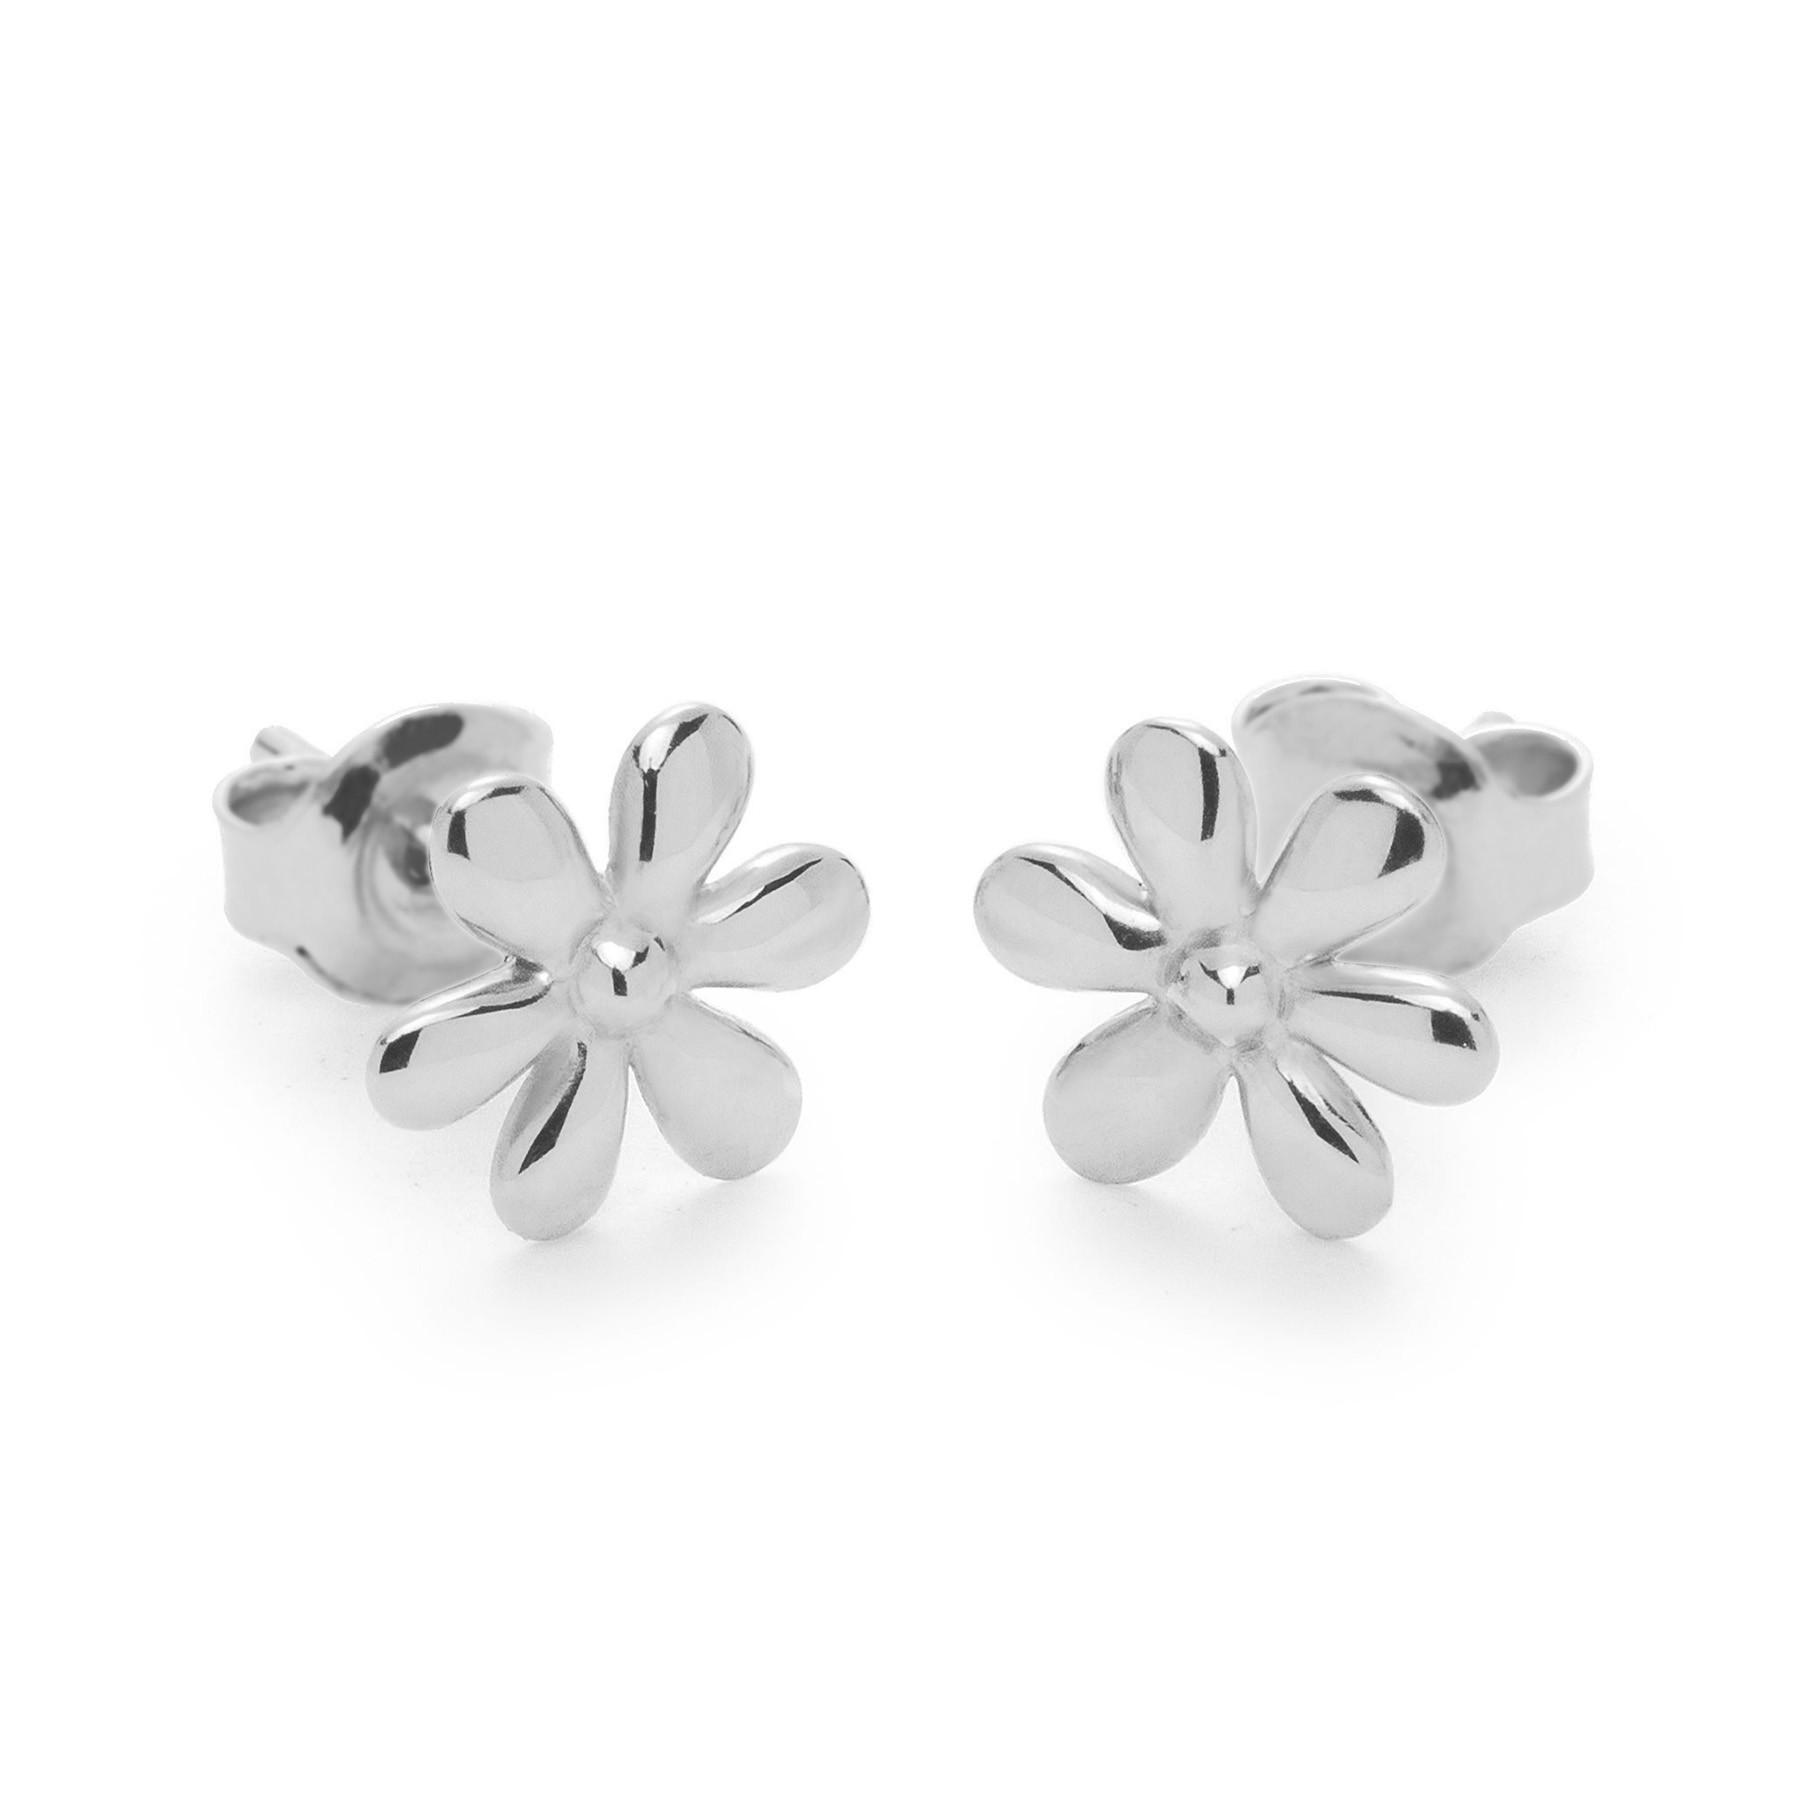 Boucles d'oreilles puces Flowers en argent